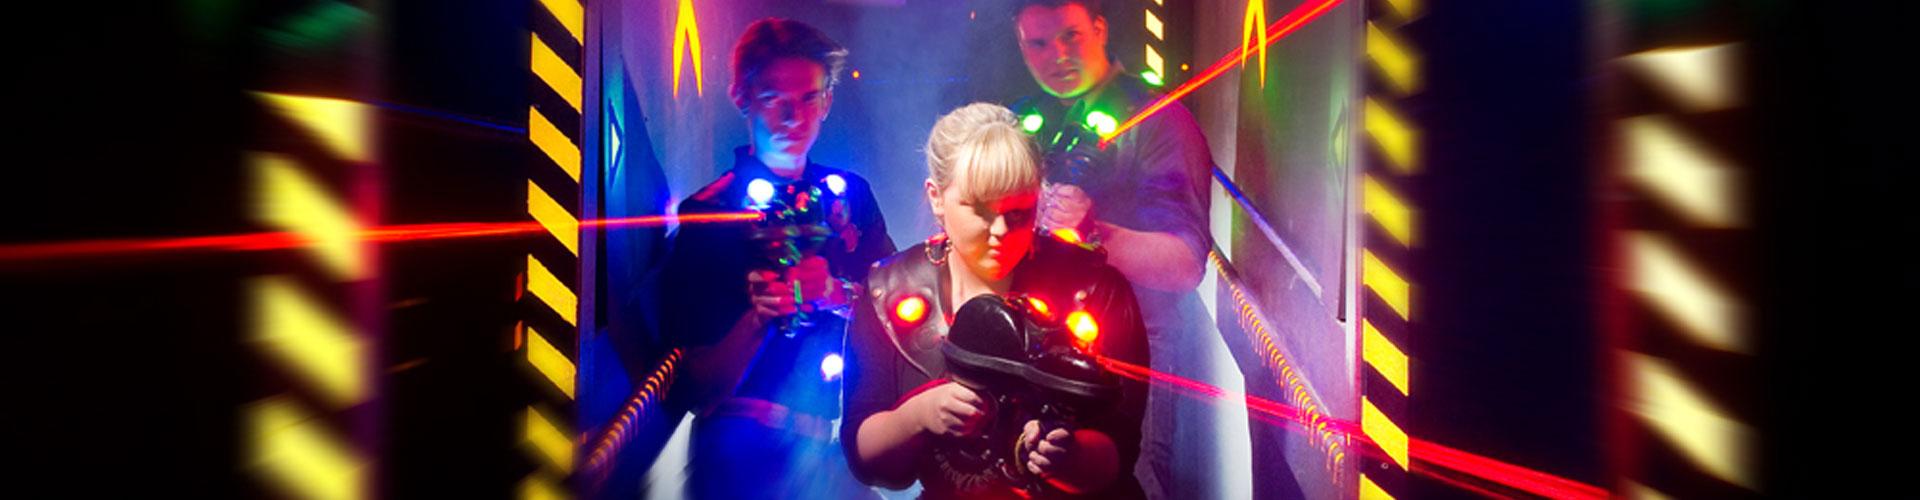 laser_tag_slide_2